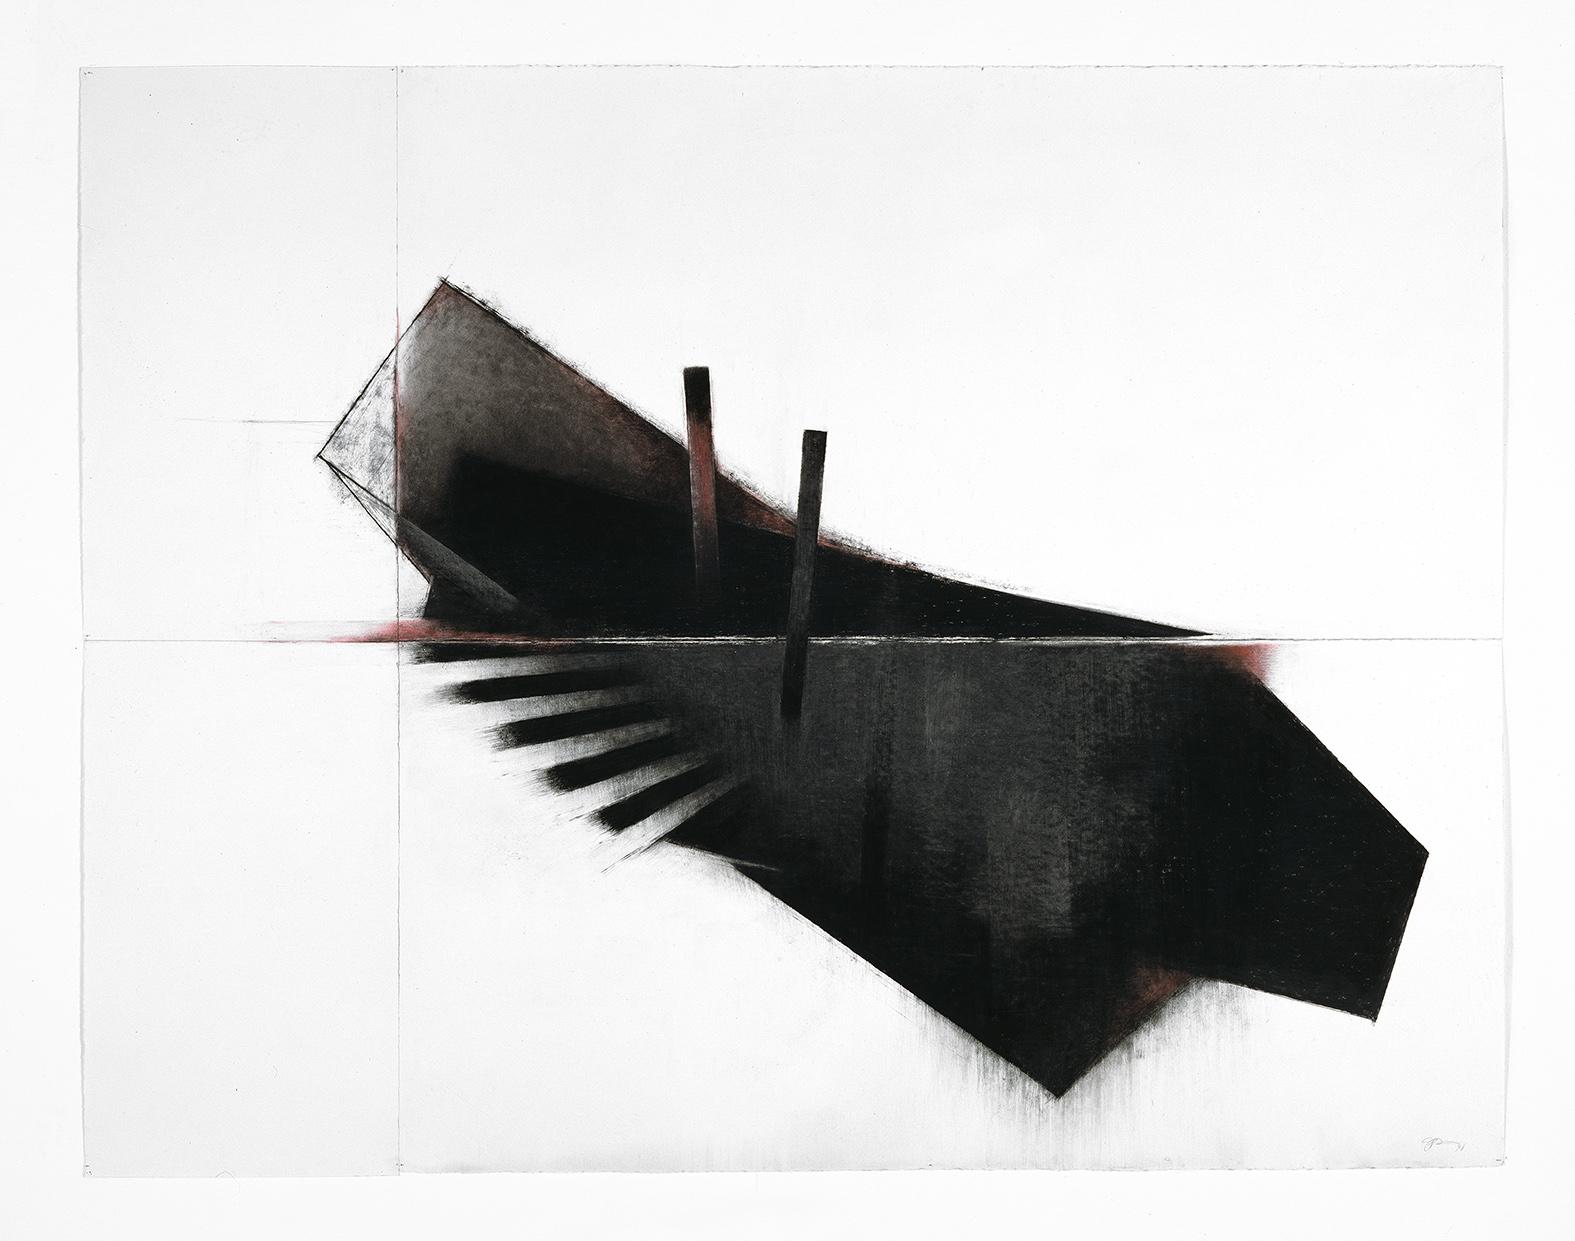 Seuils X  (1998)   Techniques mixes et papier collé sur papier Stonehenge, 126.6 x 211 cm, collection du Musée d'art contemporain de Montréal. photo : Richard-Max Tremblay